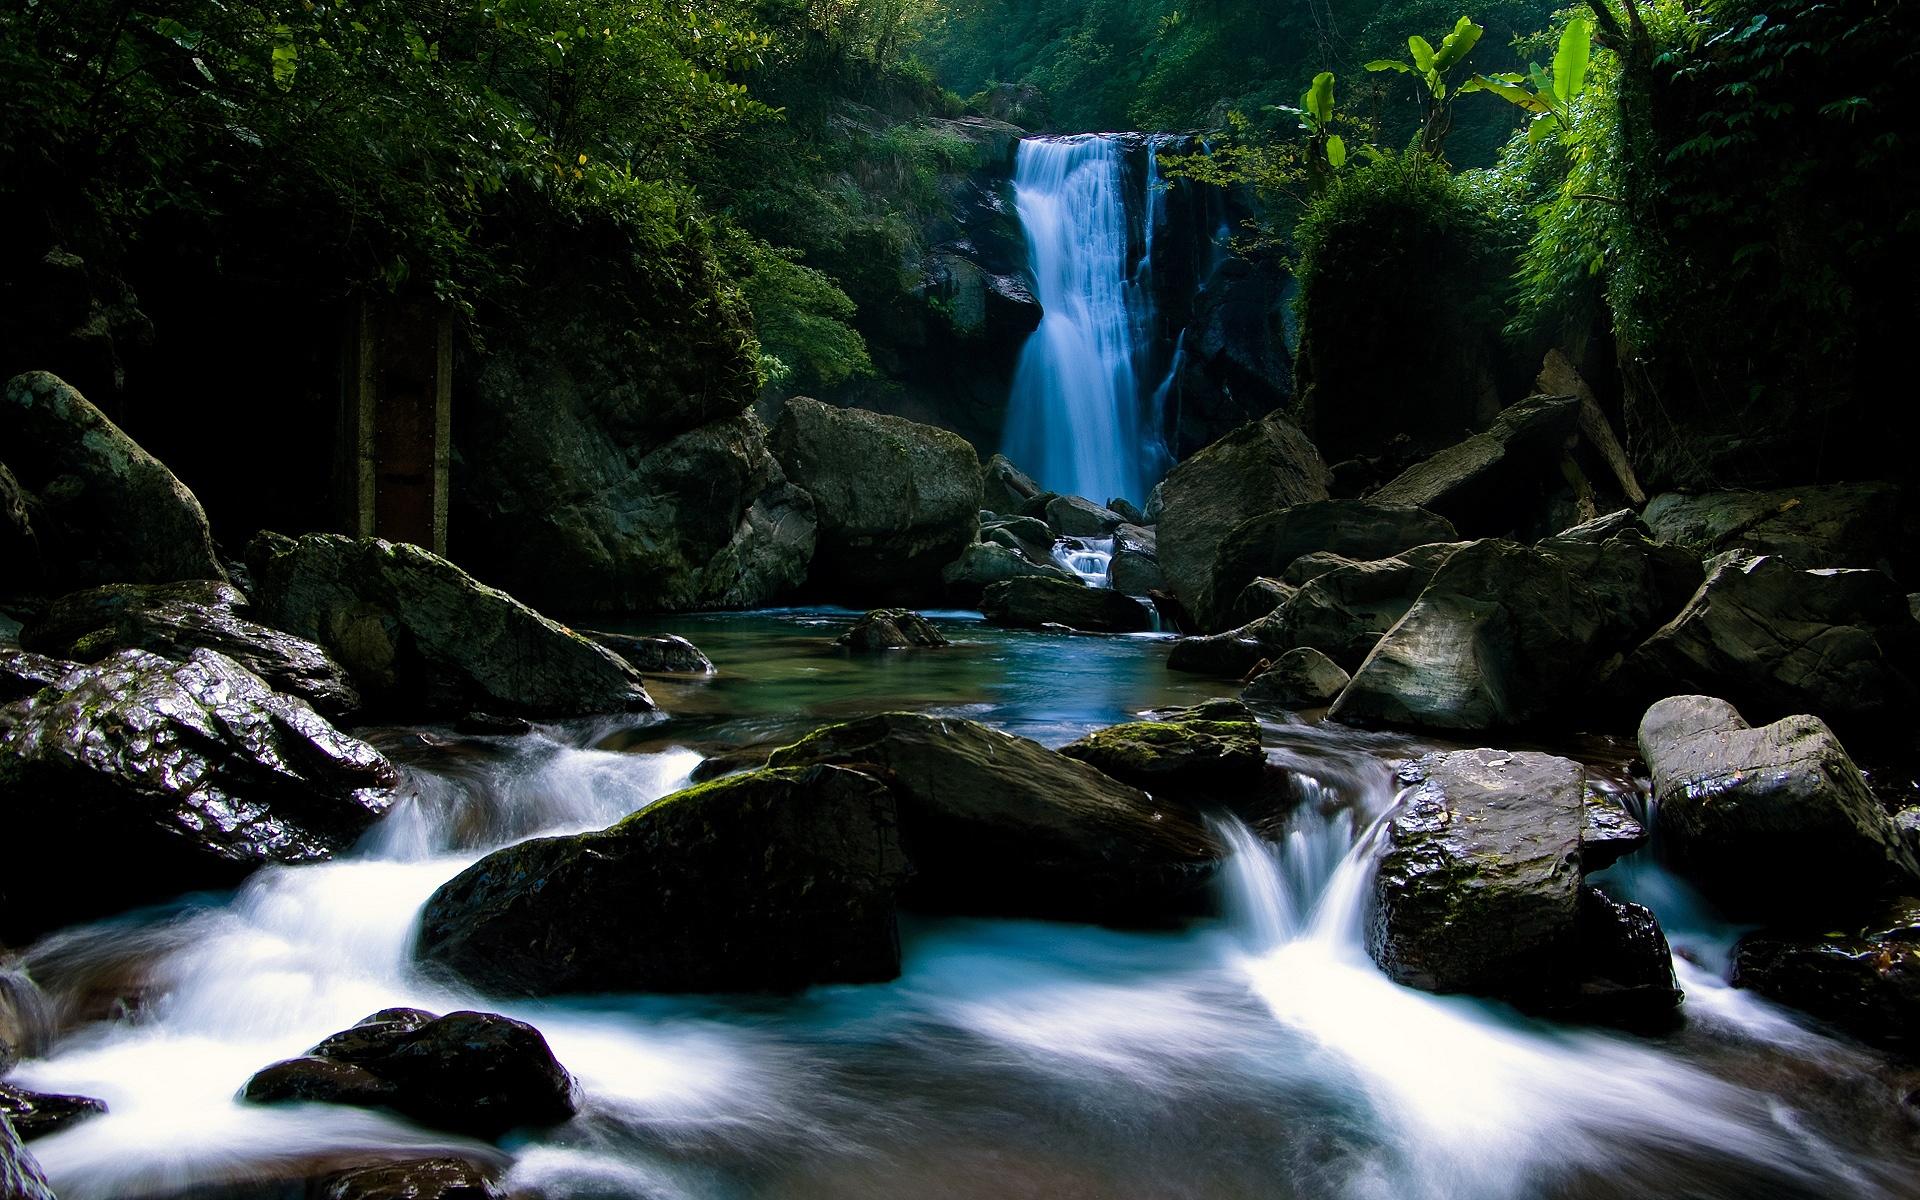 بالصور صور طبيعة جميلة , اماكن لن تصدق انها موجودة بالفعل في الطبيعة 602 7